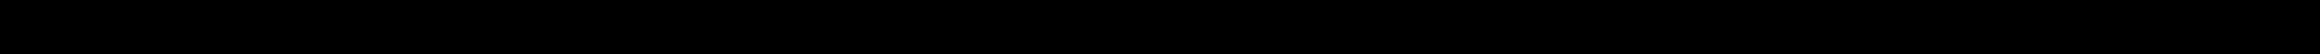 FEBI BILSTEIN 91 517 008, FG13WC1, 002 159 35 03, 002 159 36 03, 002 159 37 03 Μπουζί